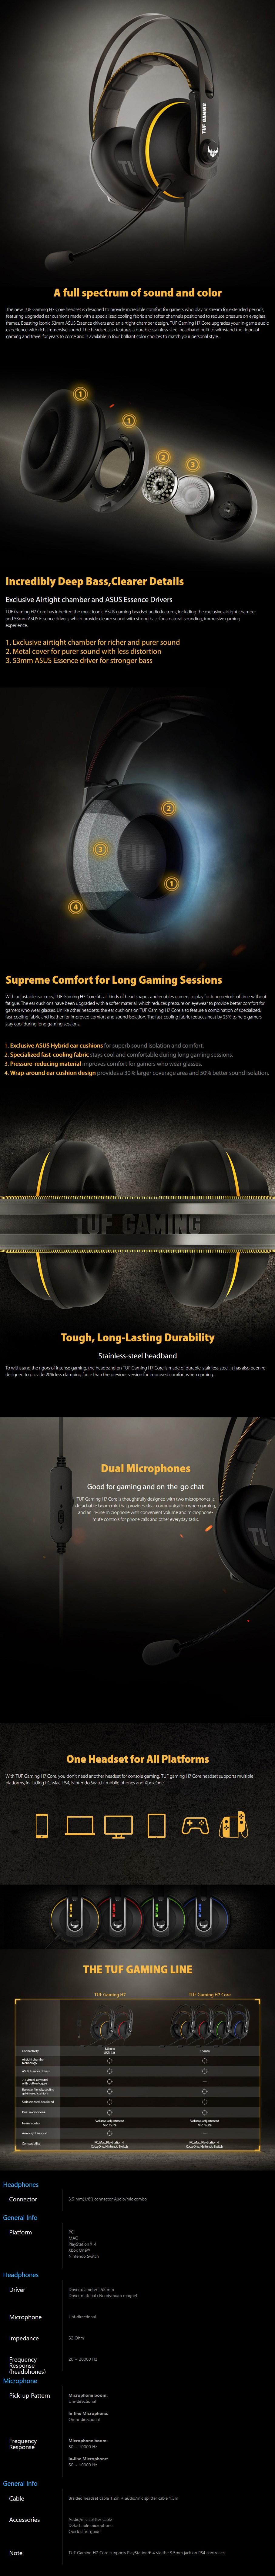 asus-tuf-gaming-h7-core-gaming-headset-red-ac27059-5.jpg